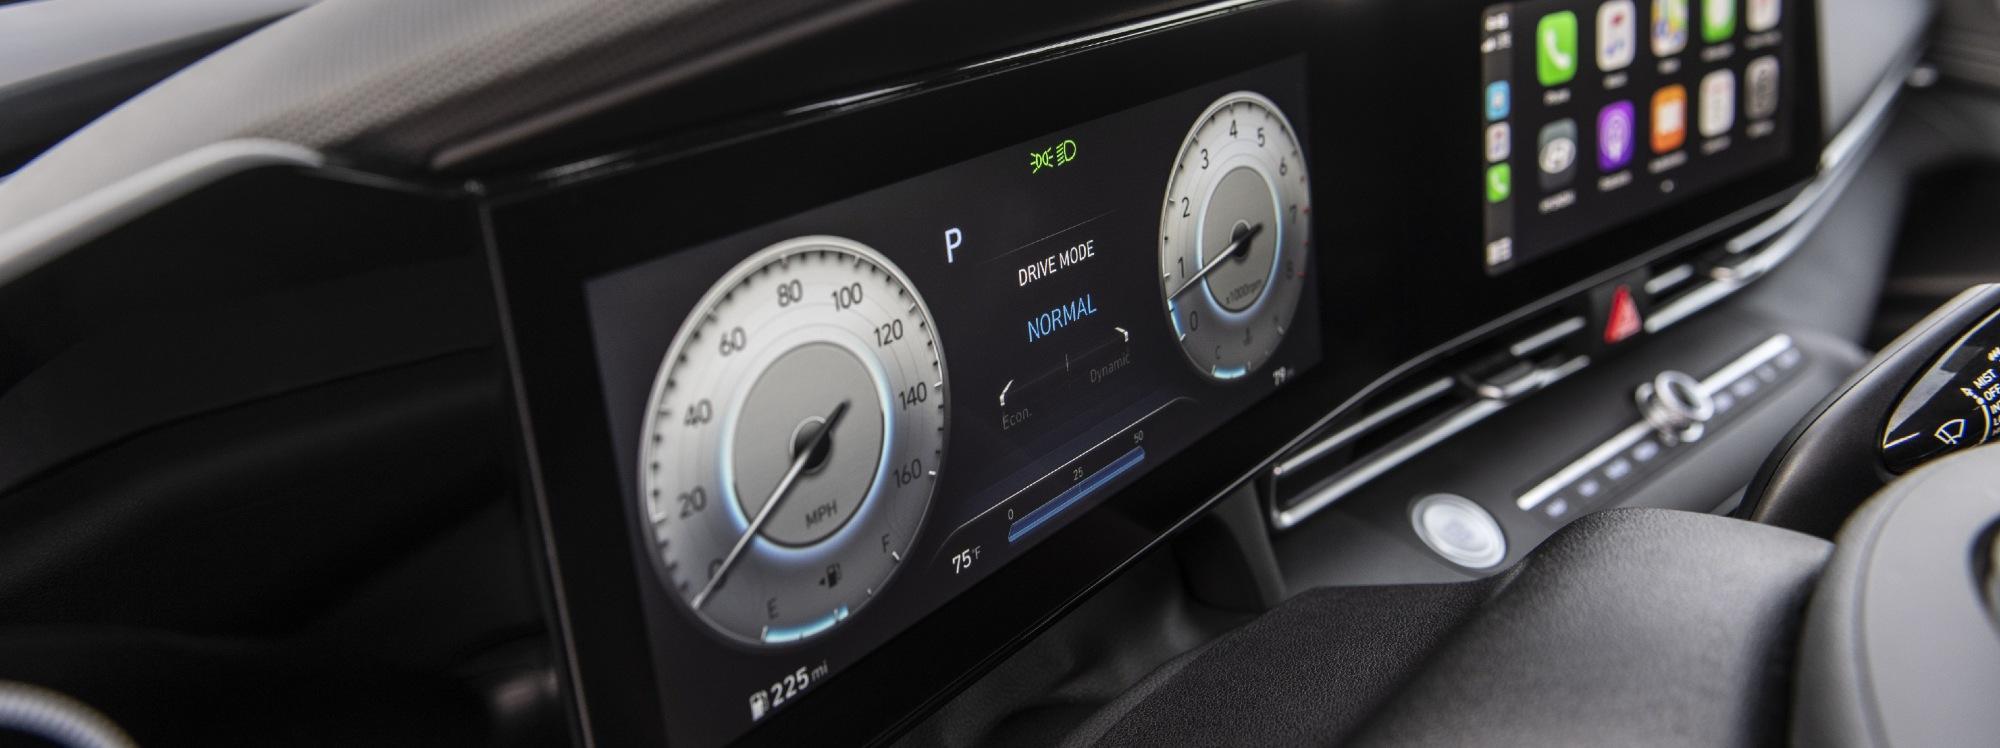 Hyundai Elantra  2021, uno de los mejores diseños interiores